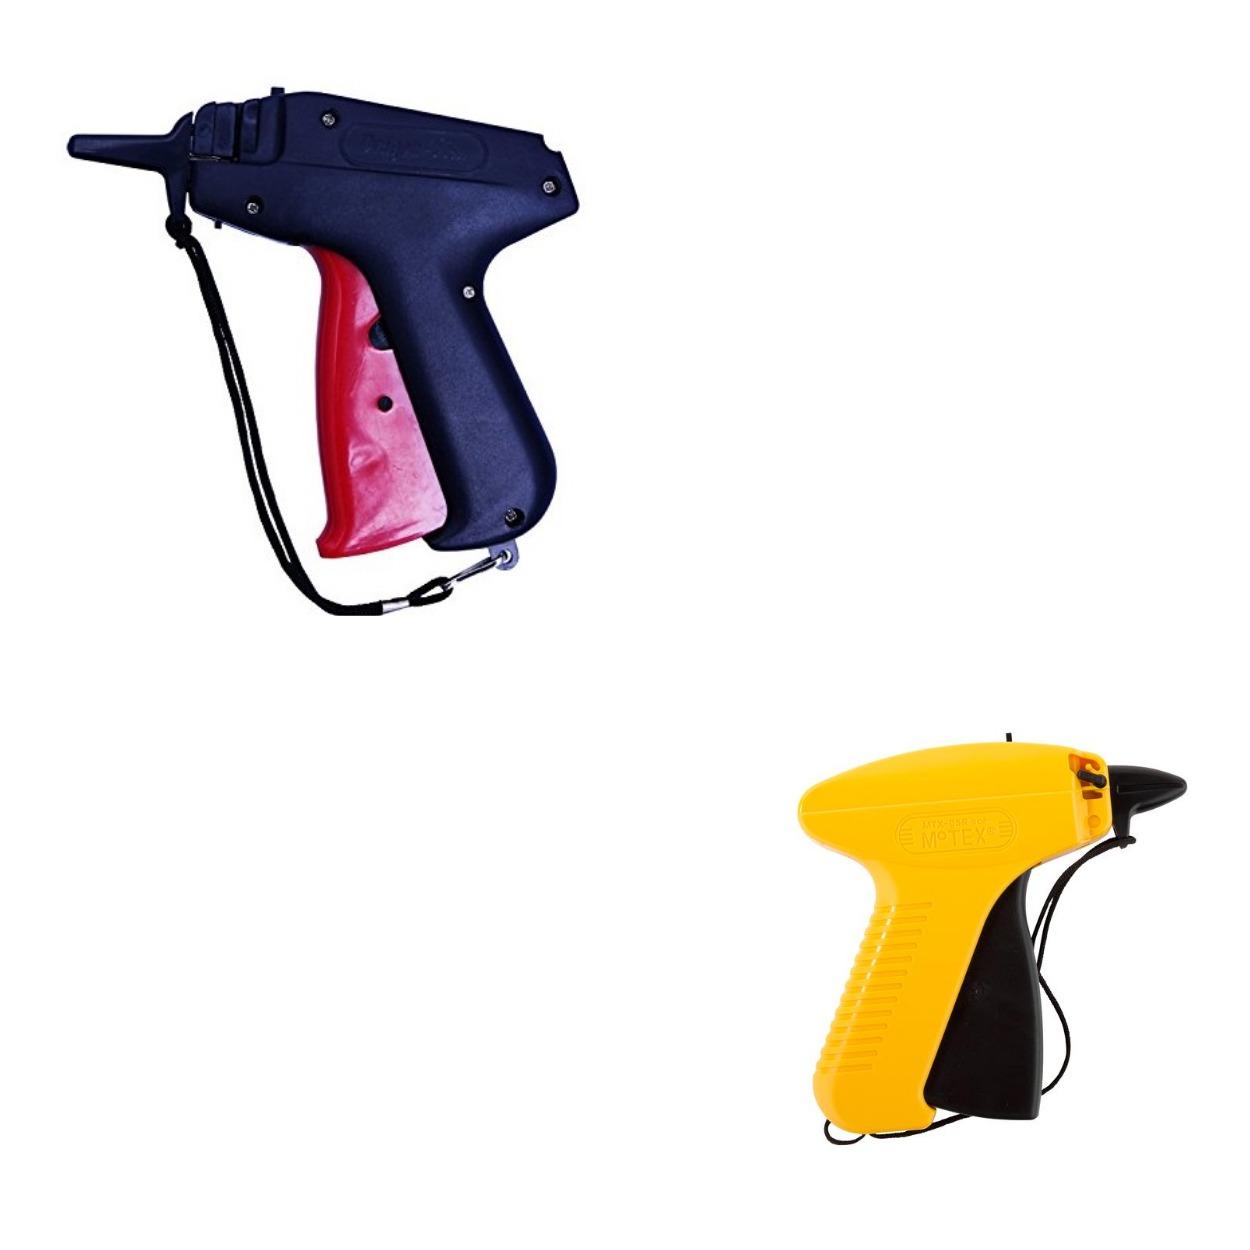 Игольчатый пистолет для ценников и этикеток: сфера использования, плюсы